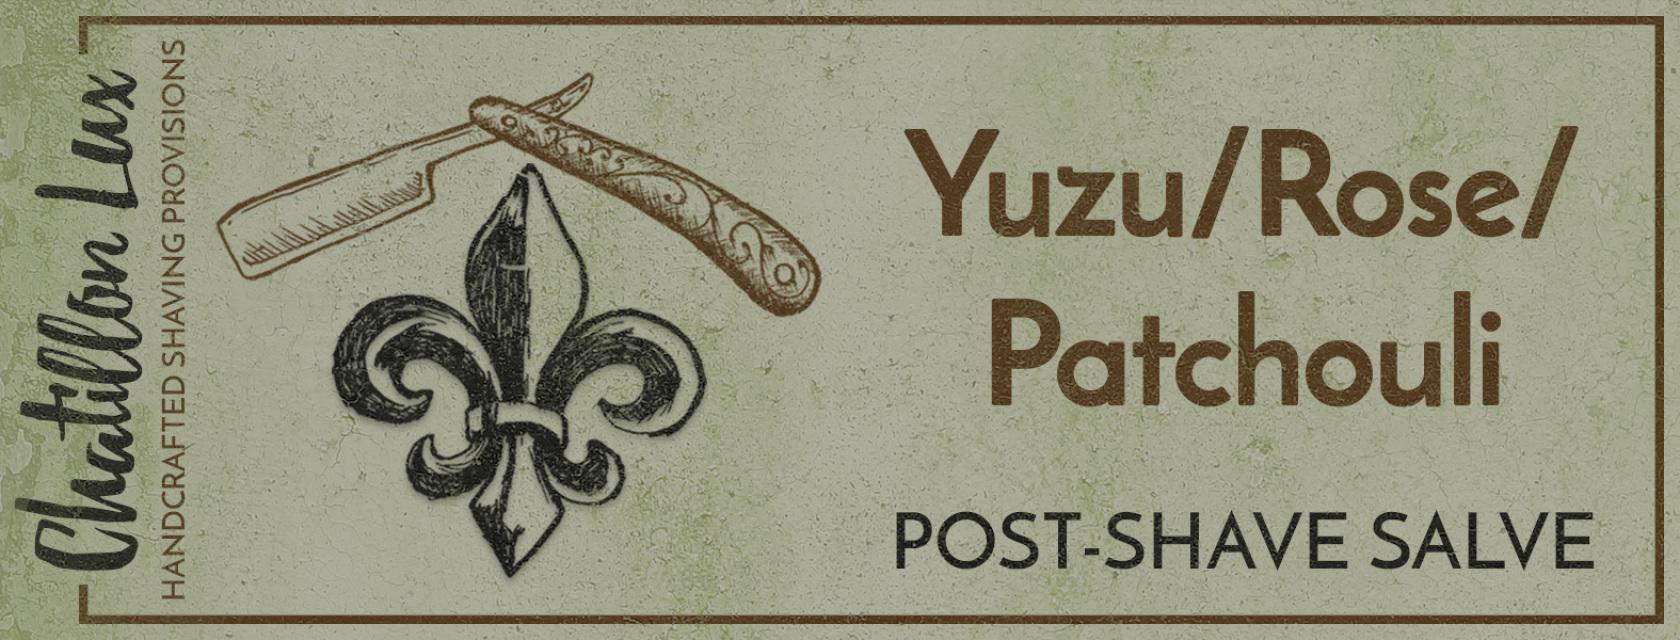 Chatillon Lux - Yuzu/Rose/Patchouli - Salve image